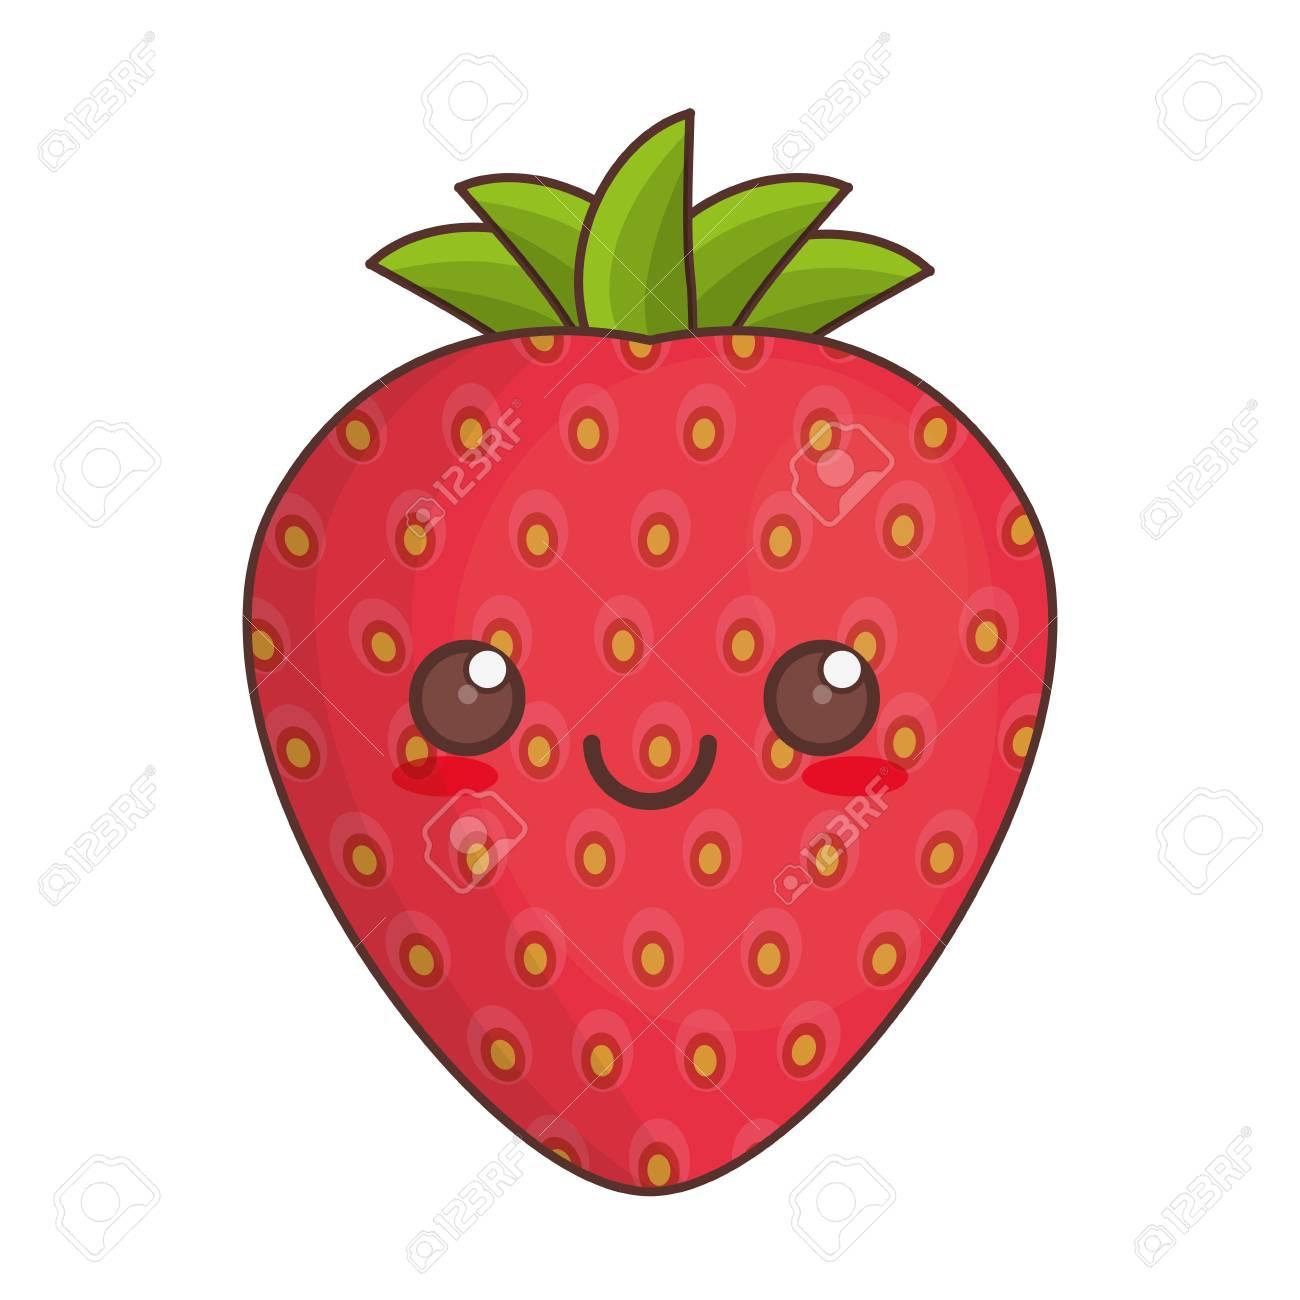 かわいいイチゴ果実アイコン ベクトル イラスト Eps 10のイラスト素材 ベクタ Image